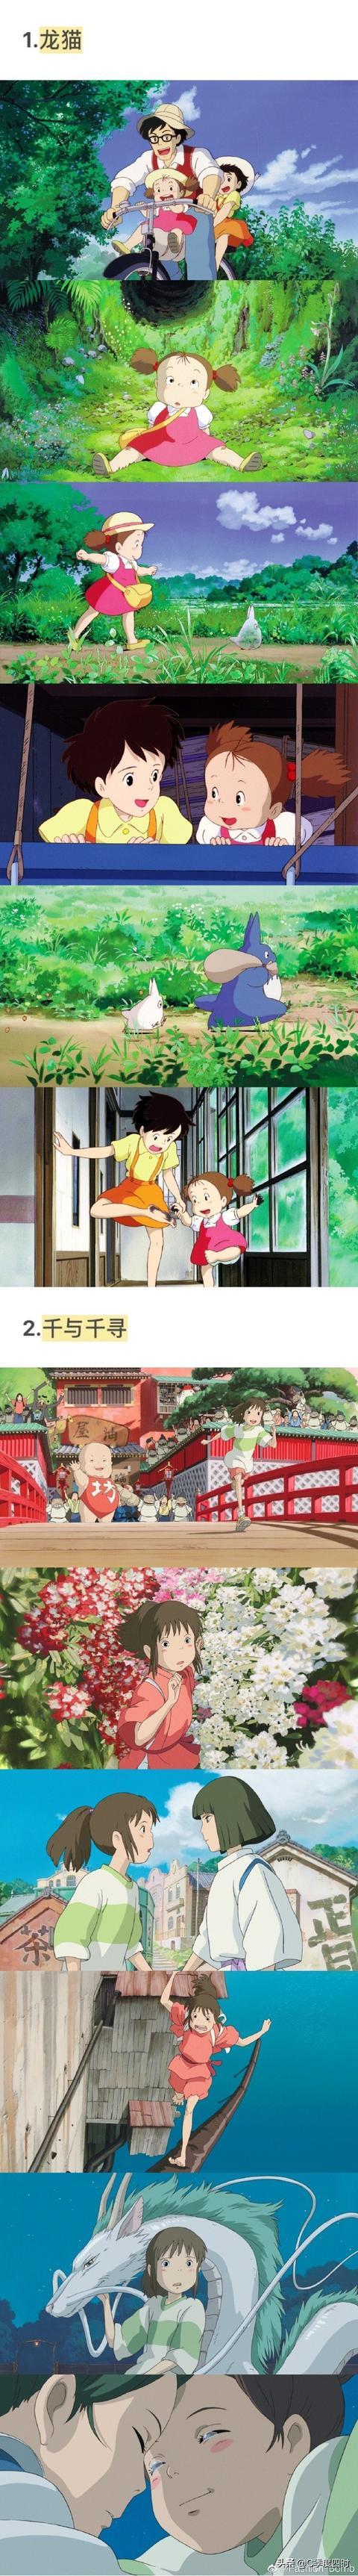 宫崎骏经典动画电影大全!